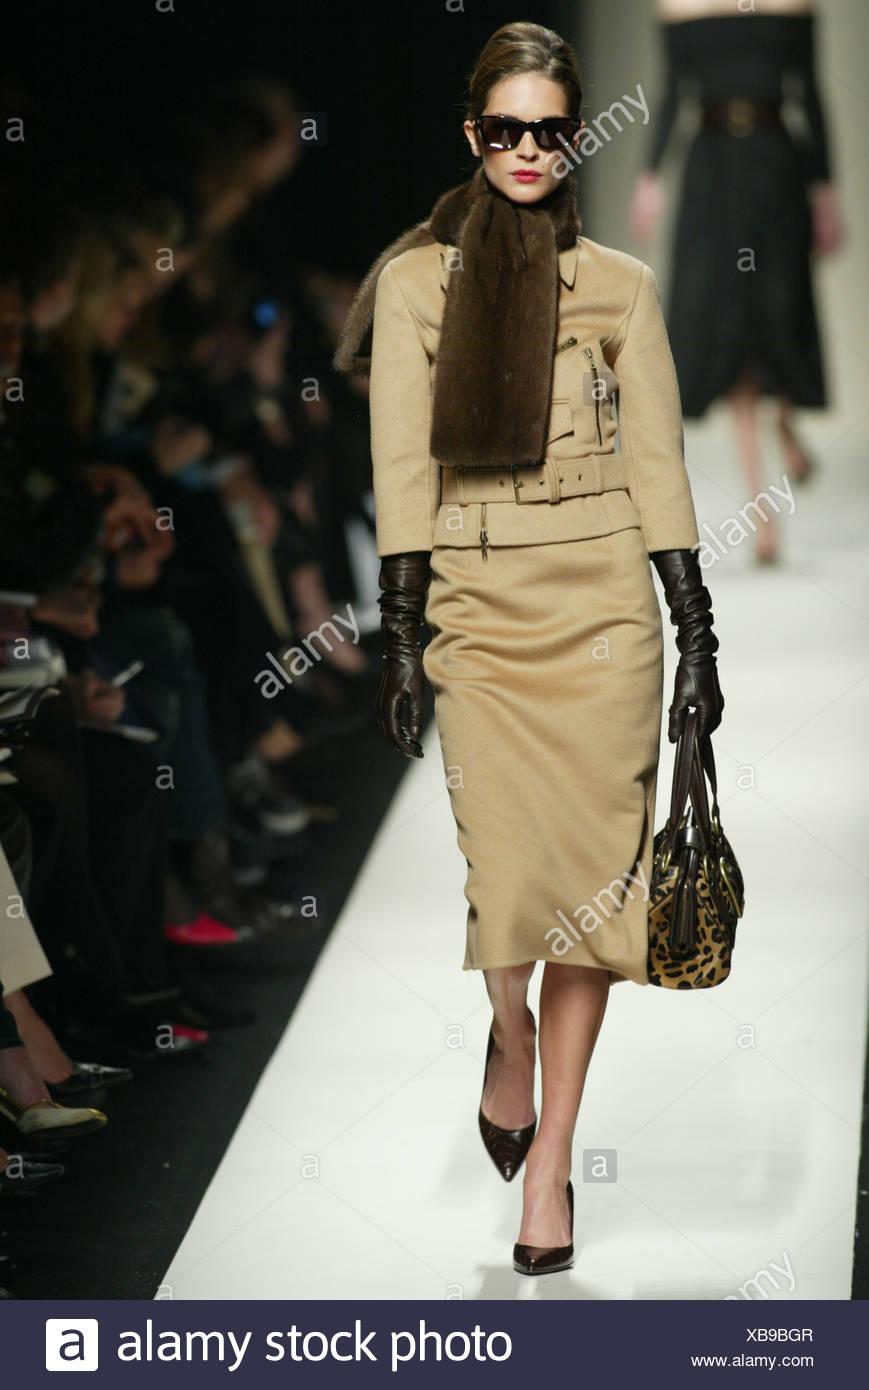 4b56a69cb3 Celine Paris listo para ponerse Otoño Invierno modelo morena pelo negro  cara gafas de sol y los labios rojos, vestido con piel marrón